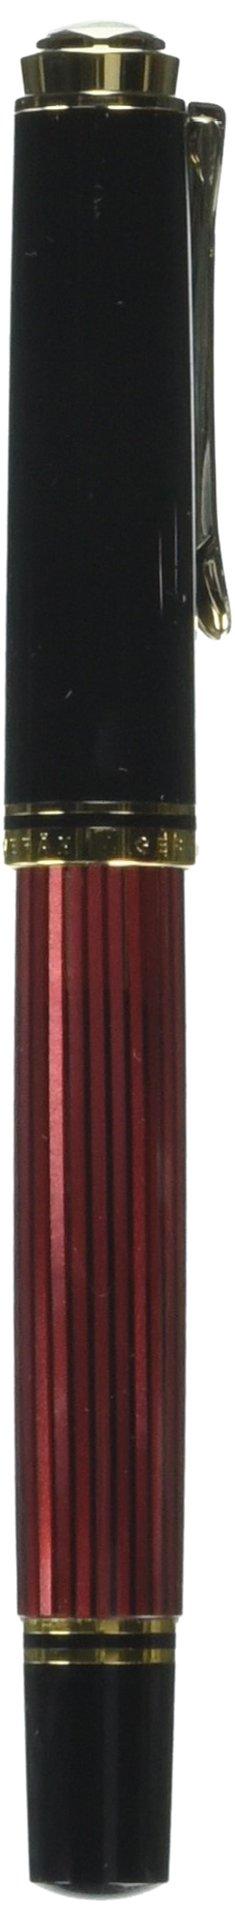 PELIKAN Souveran M400 Fountain Pen, Medium, Black/Red (904920)